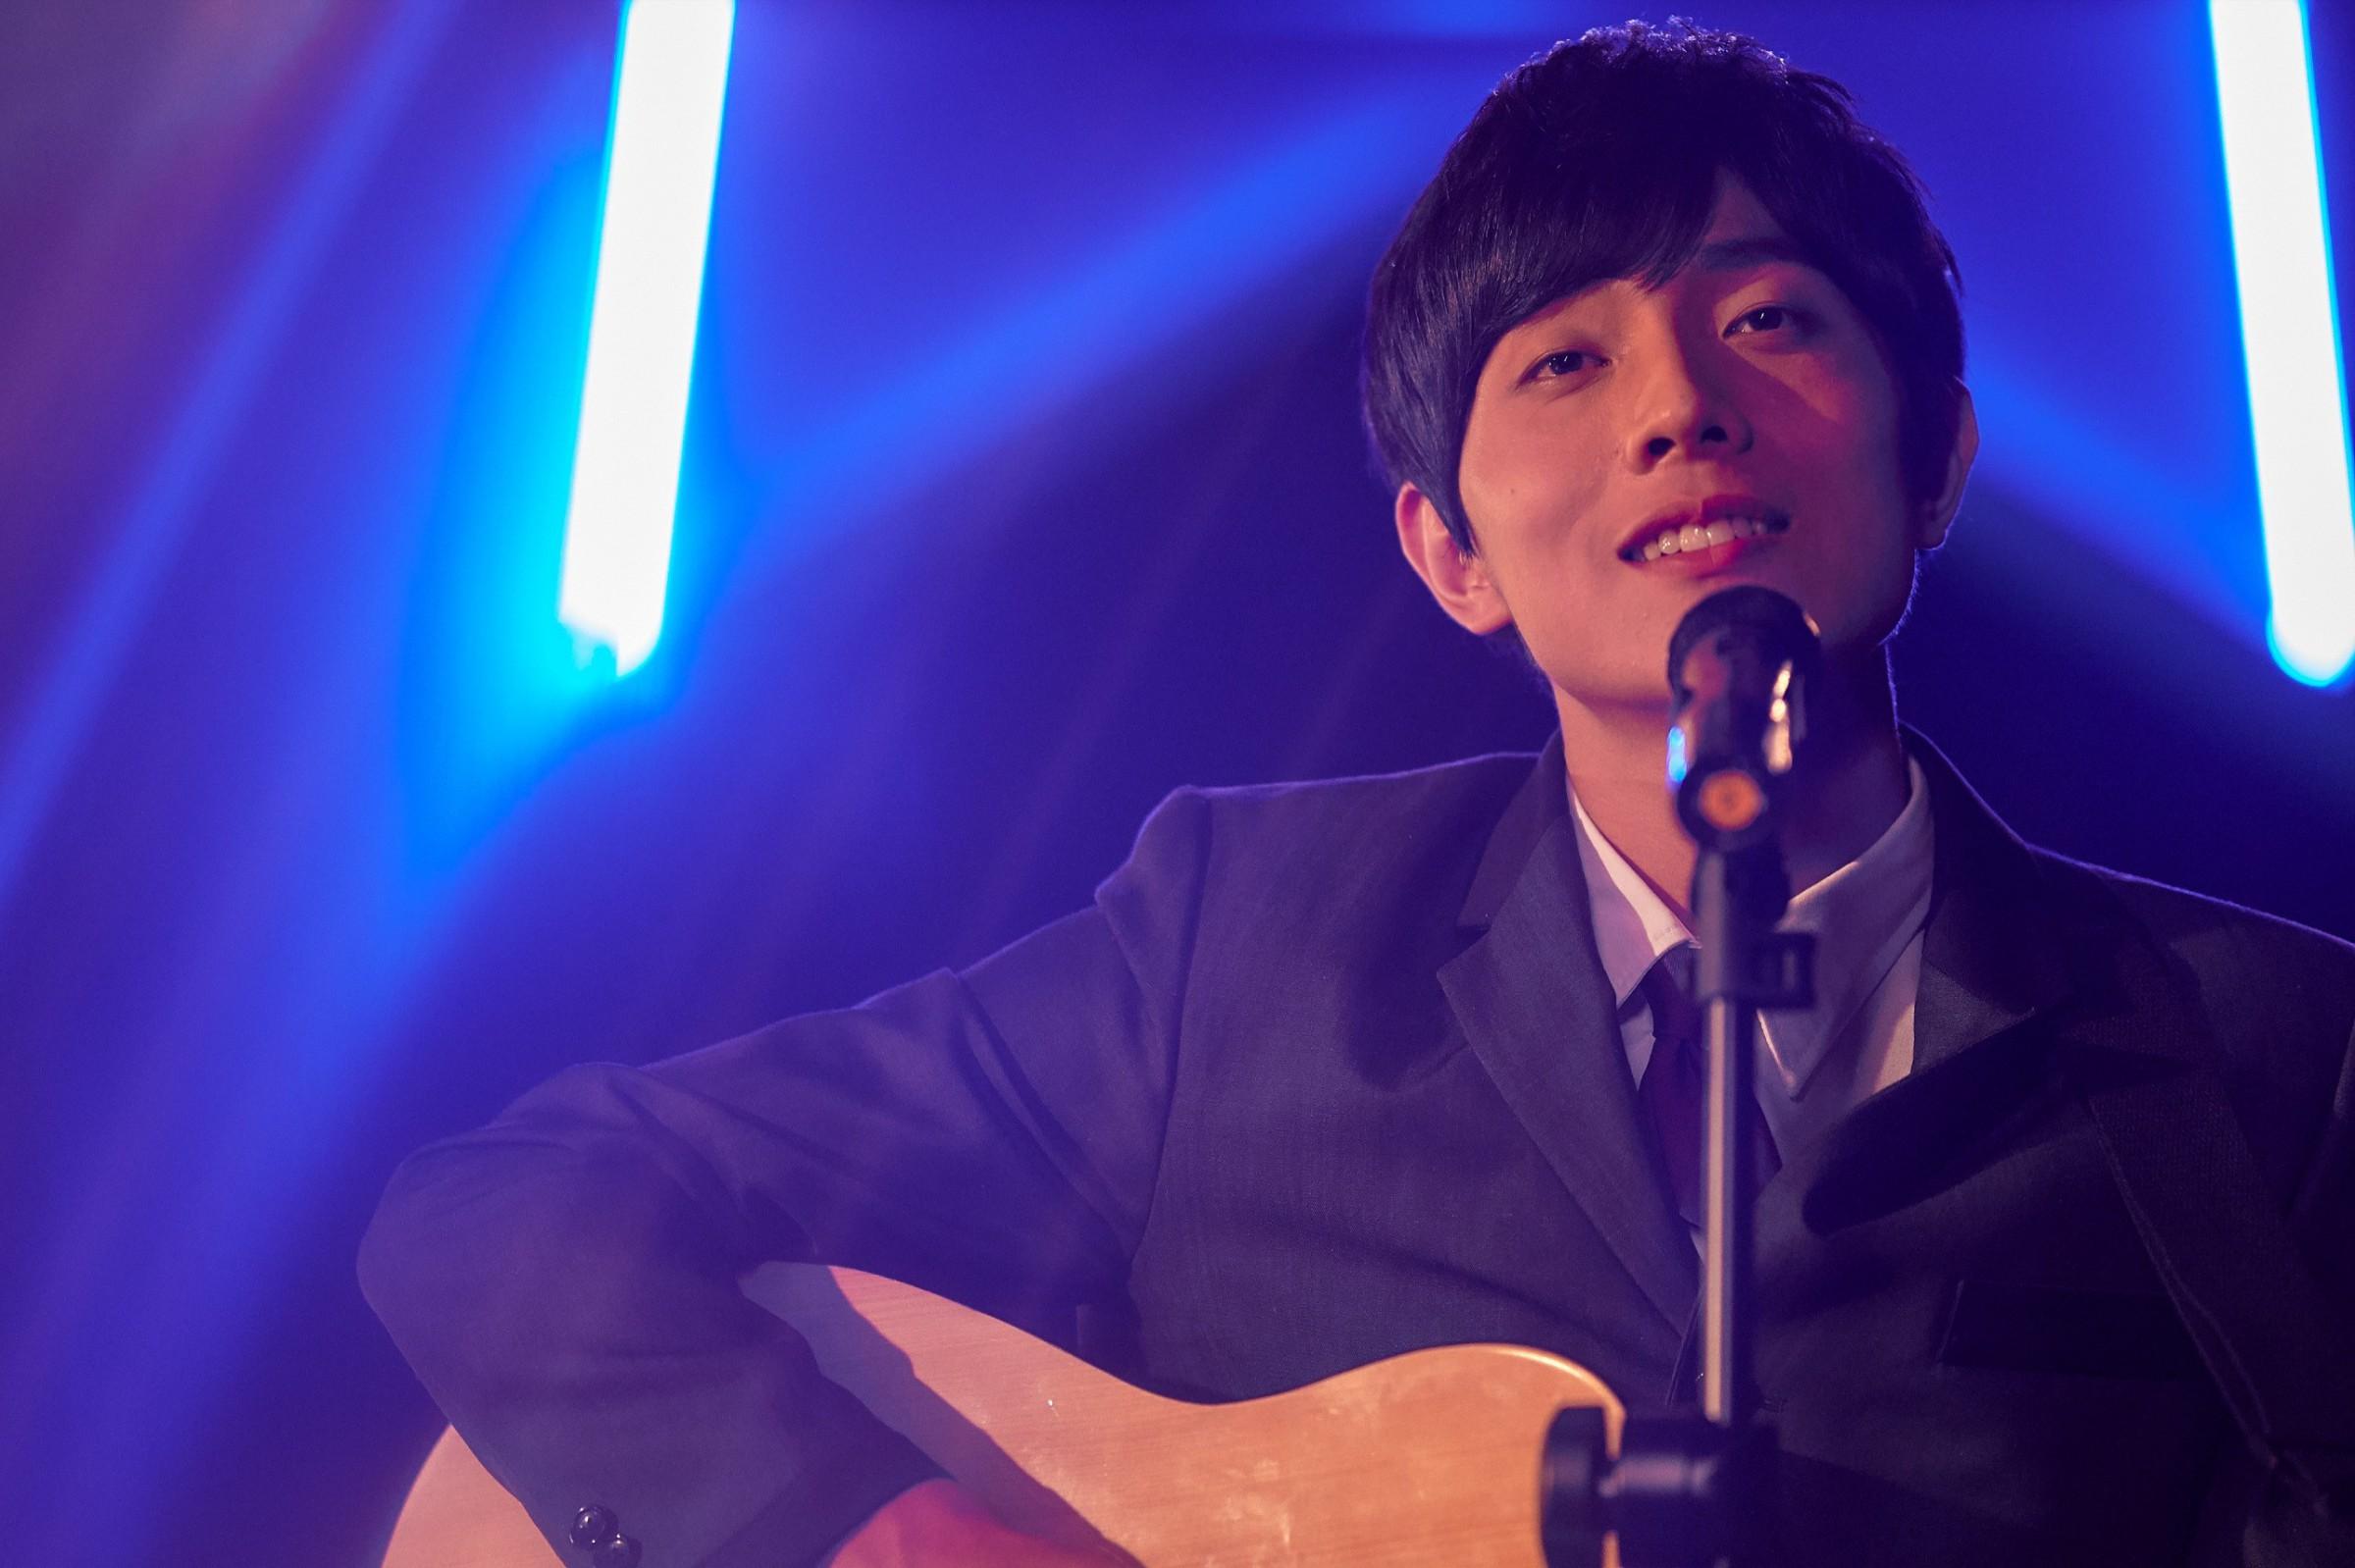 最年輕歌唱選秀冠軍謝博安首登大銀幕,粉絲討論度破錶